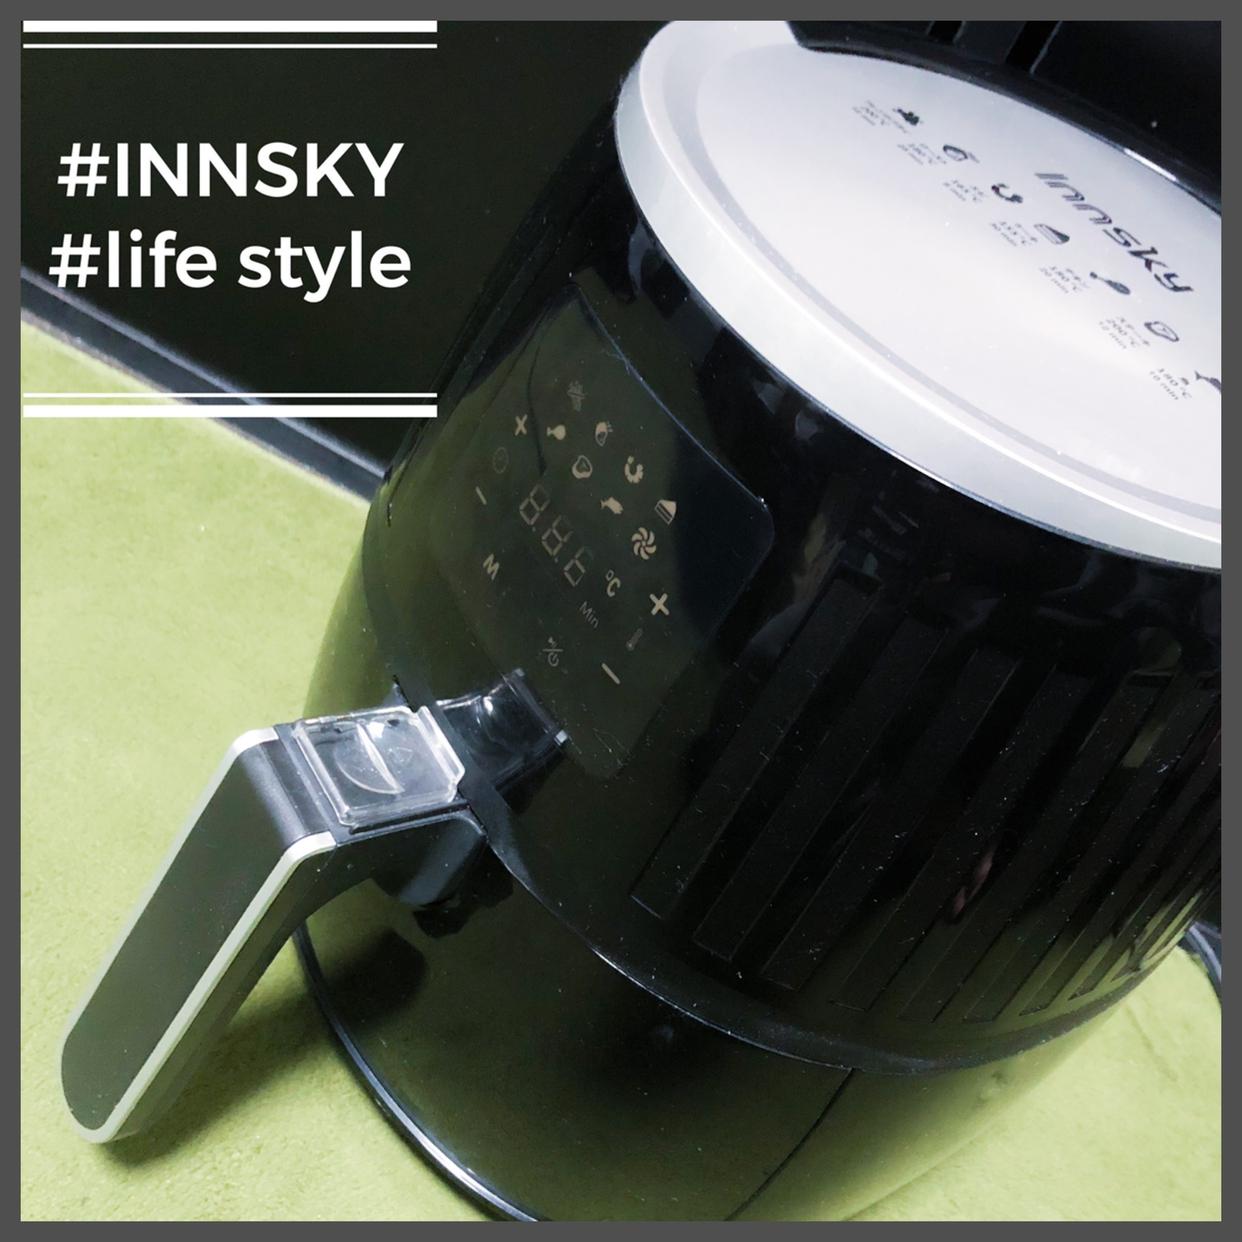 Innsky(インスカイ) 電気フライヤー 3.5L ブラック IS-AF003を使ったnono_yuki_chowさんのクチコミ画像